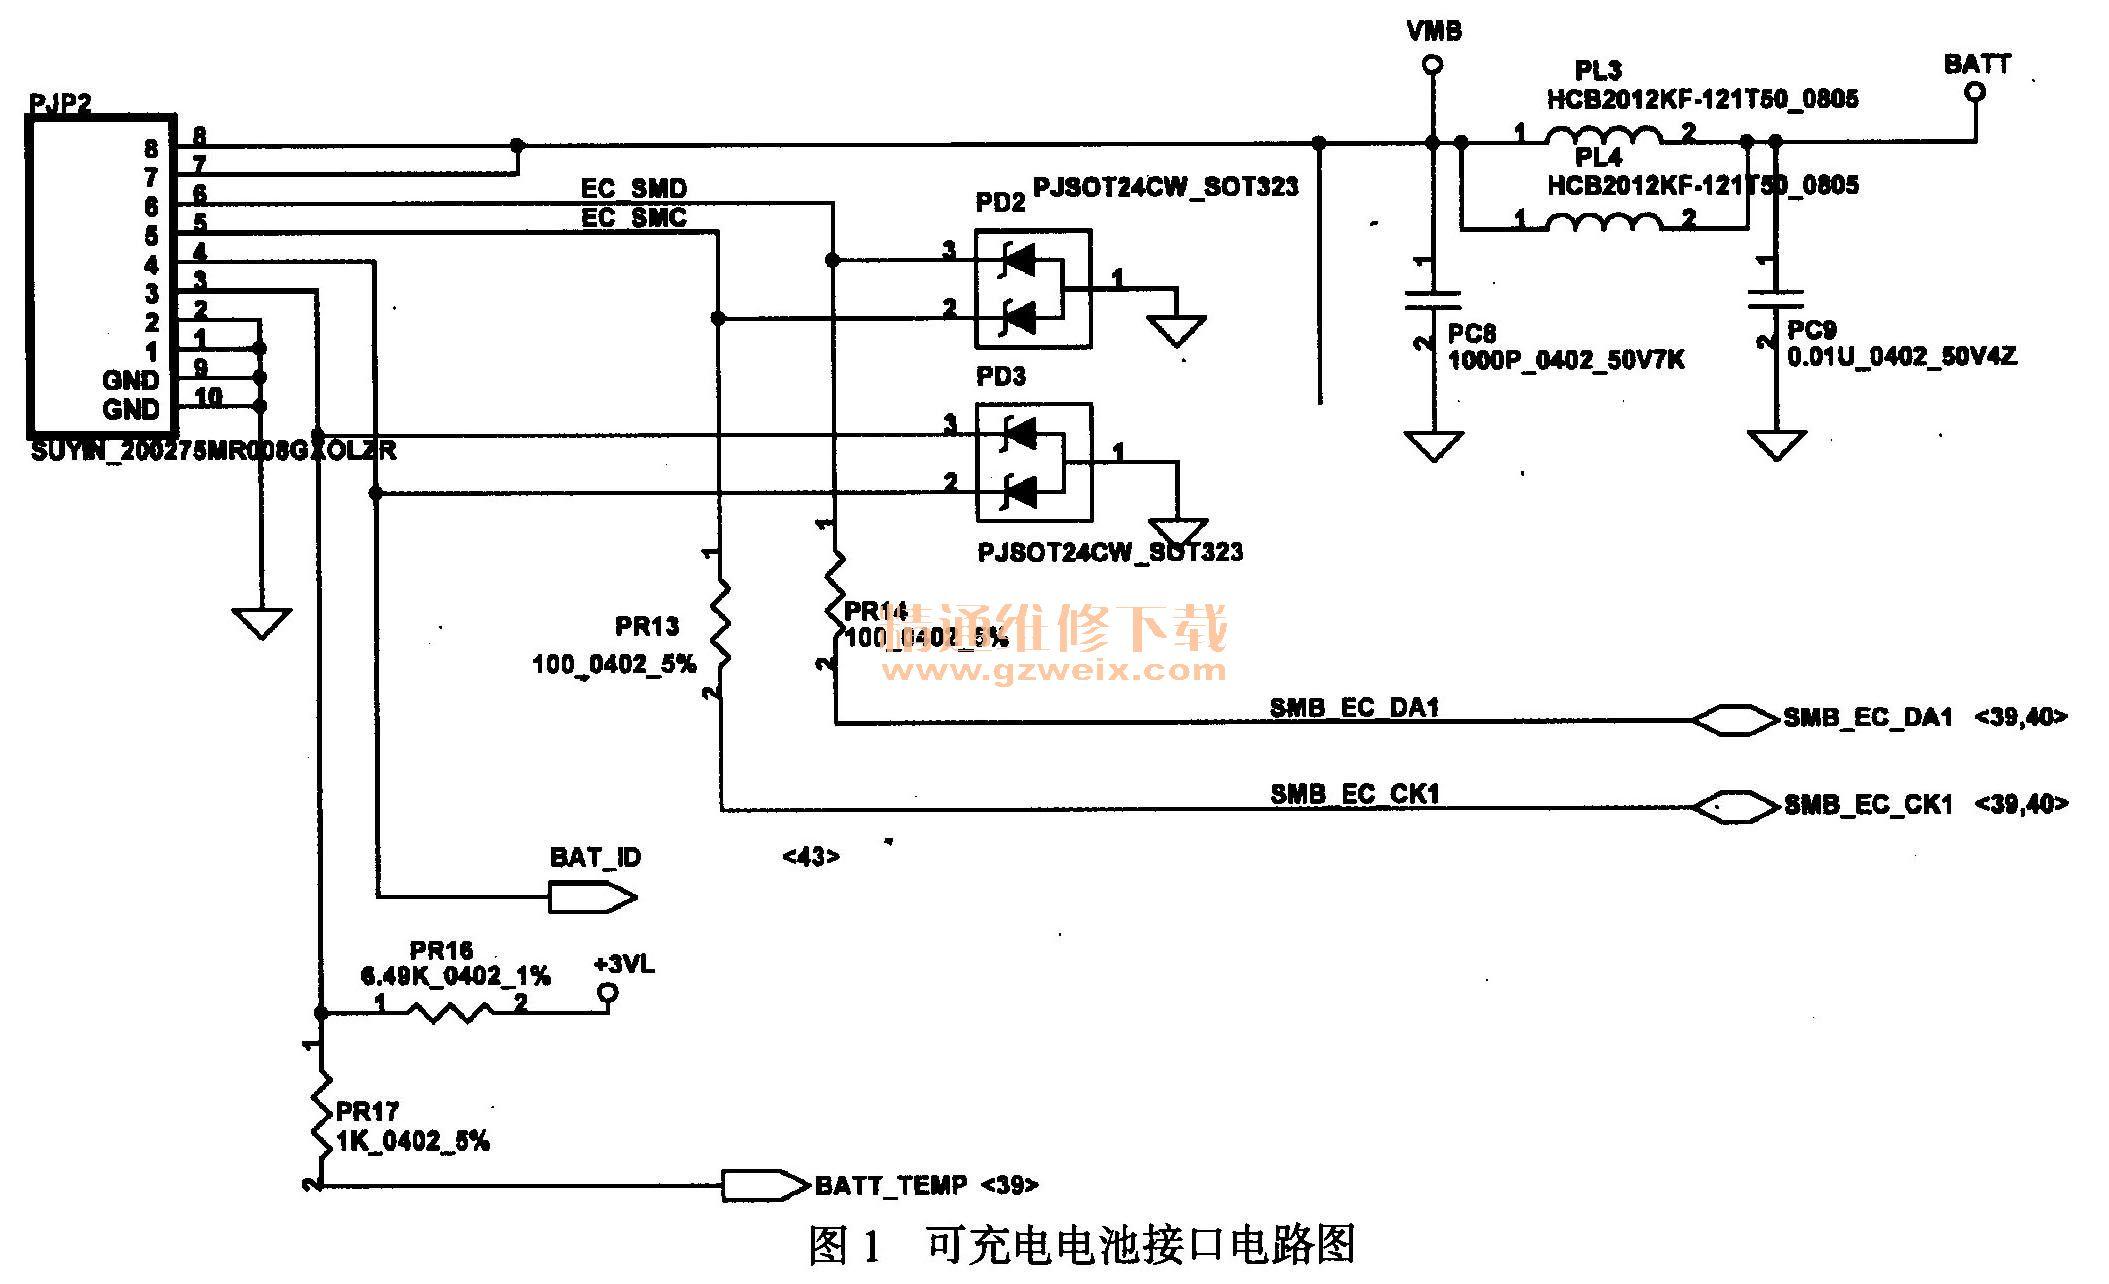 于是检测该故障笔记本电脑的充电控制电路,如图2所示为该故障笔记本